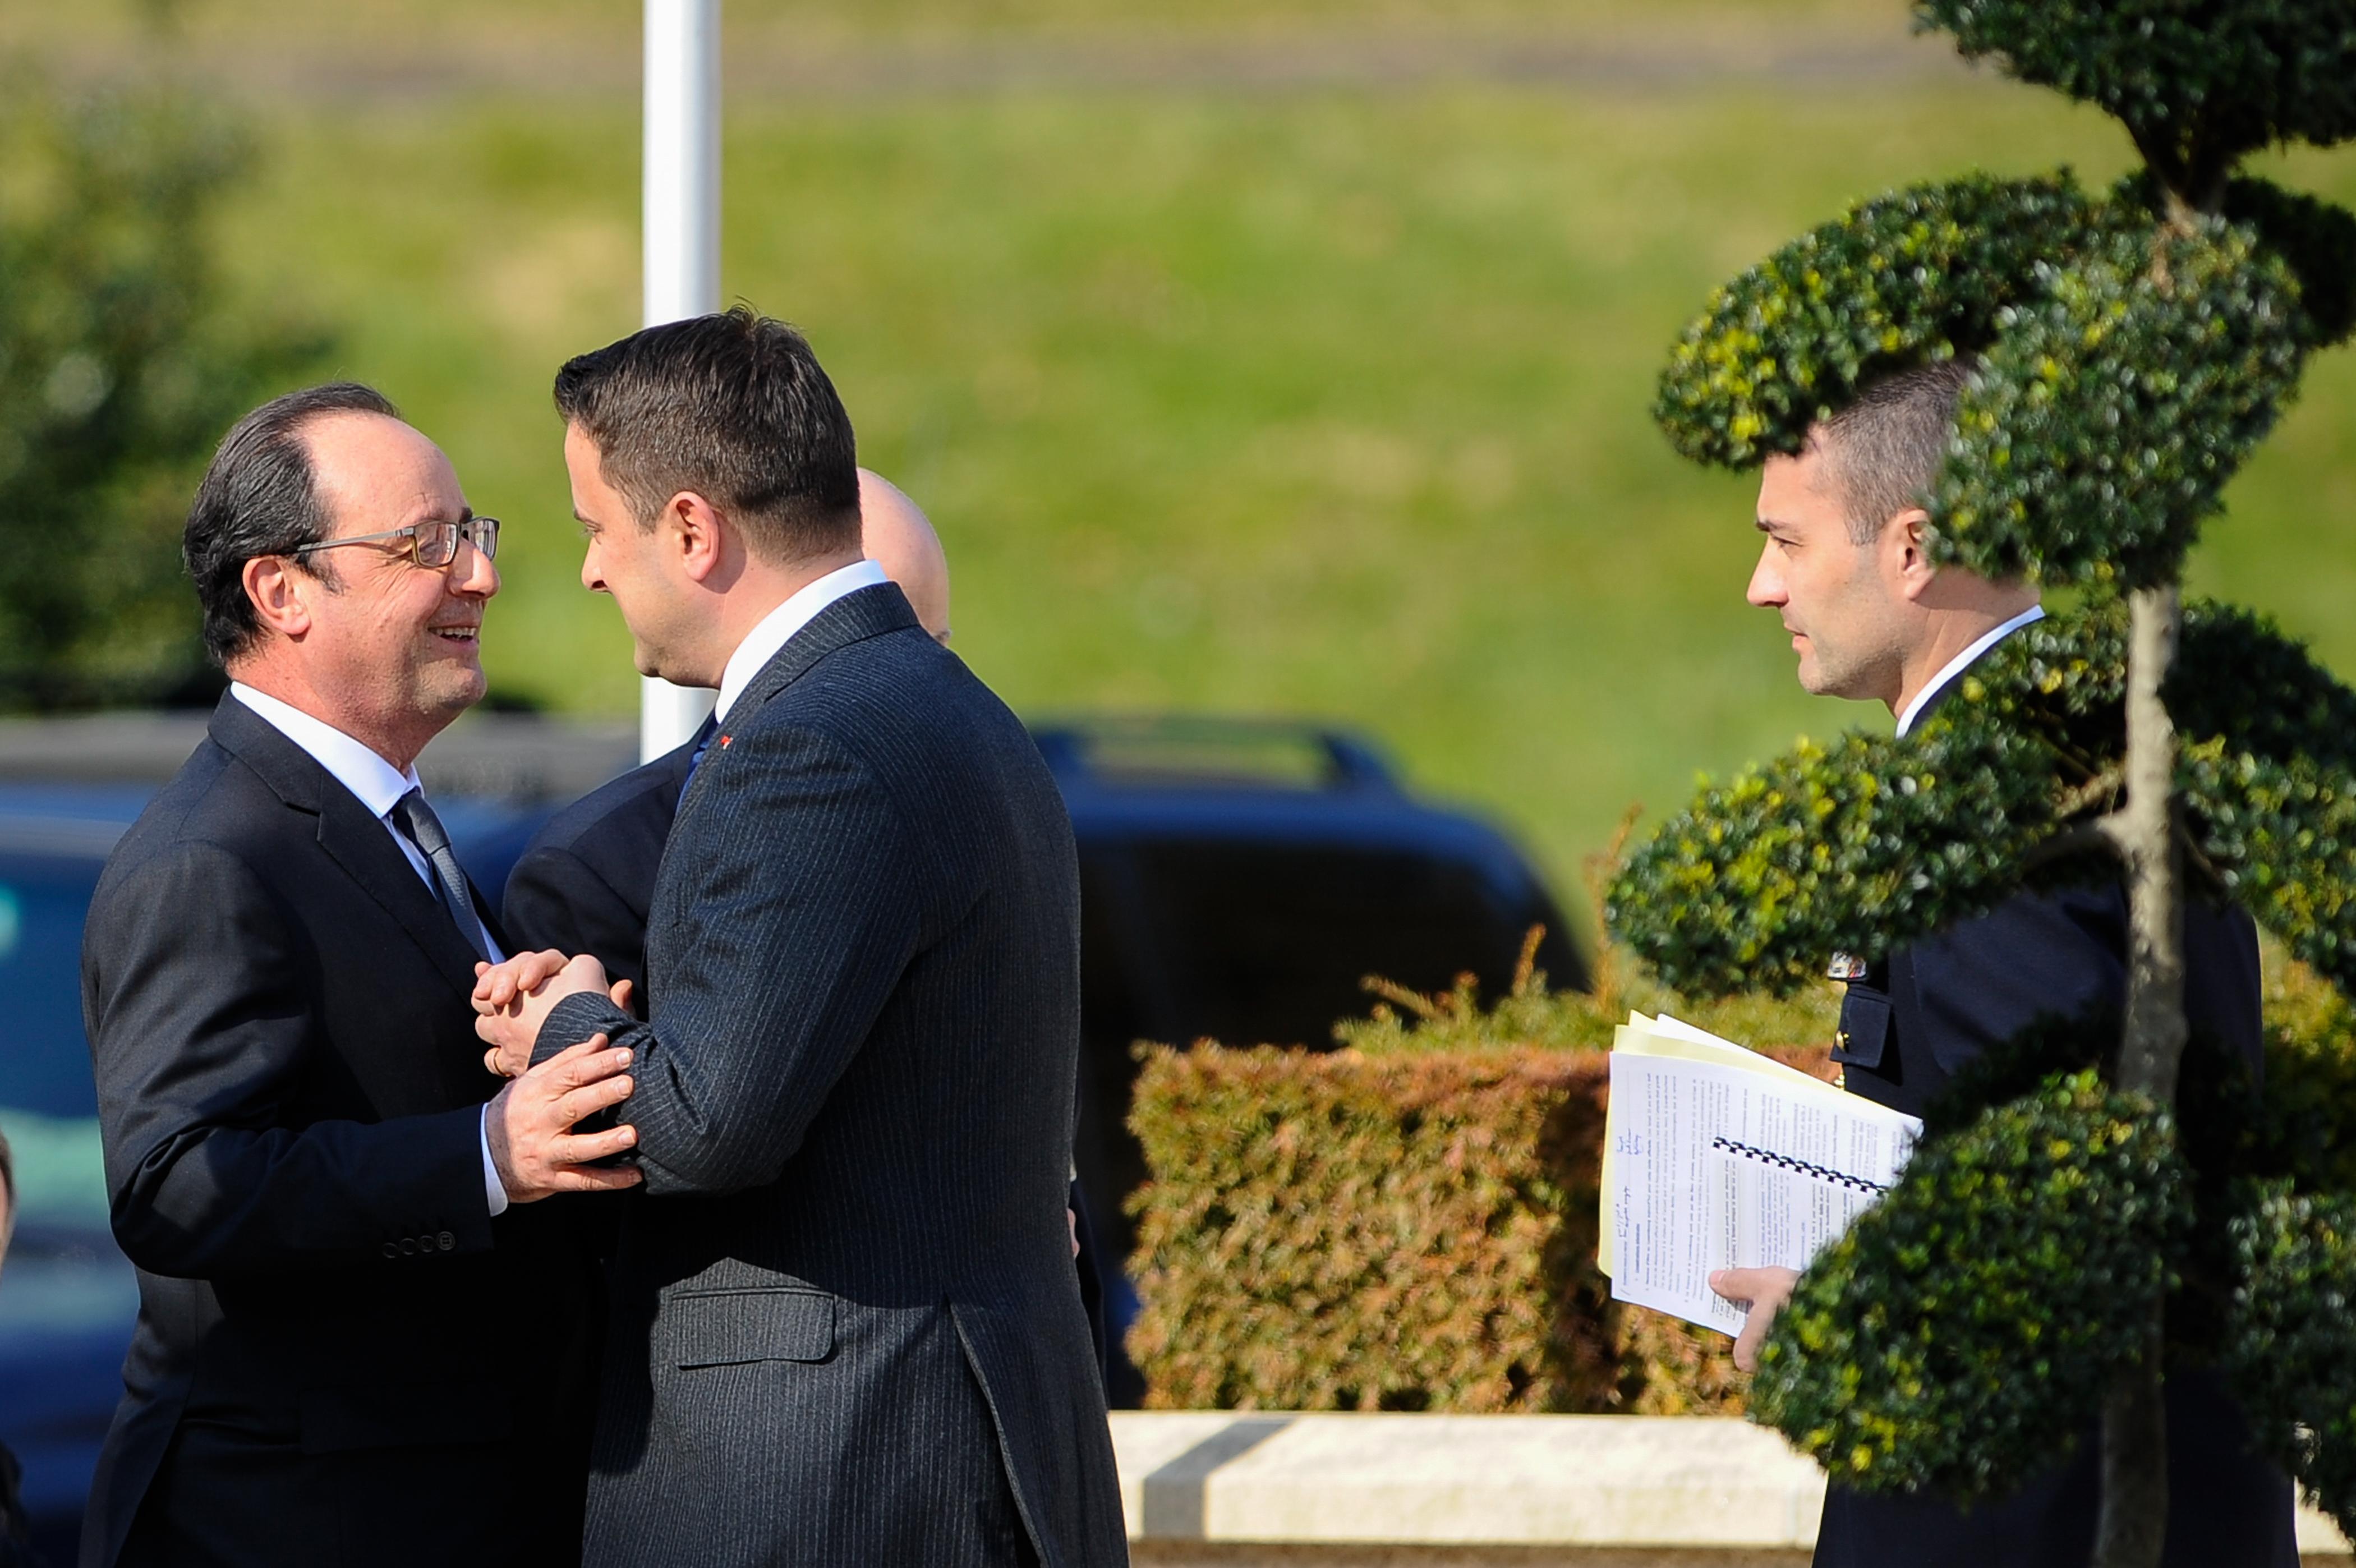 François Hollande et Xavier Bettel. Conférence de presse conjointe au château de Senningen. (Photo: Sip / Jean-Christophe Verhaegen)